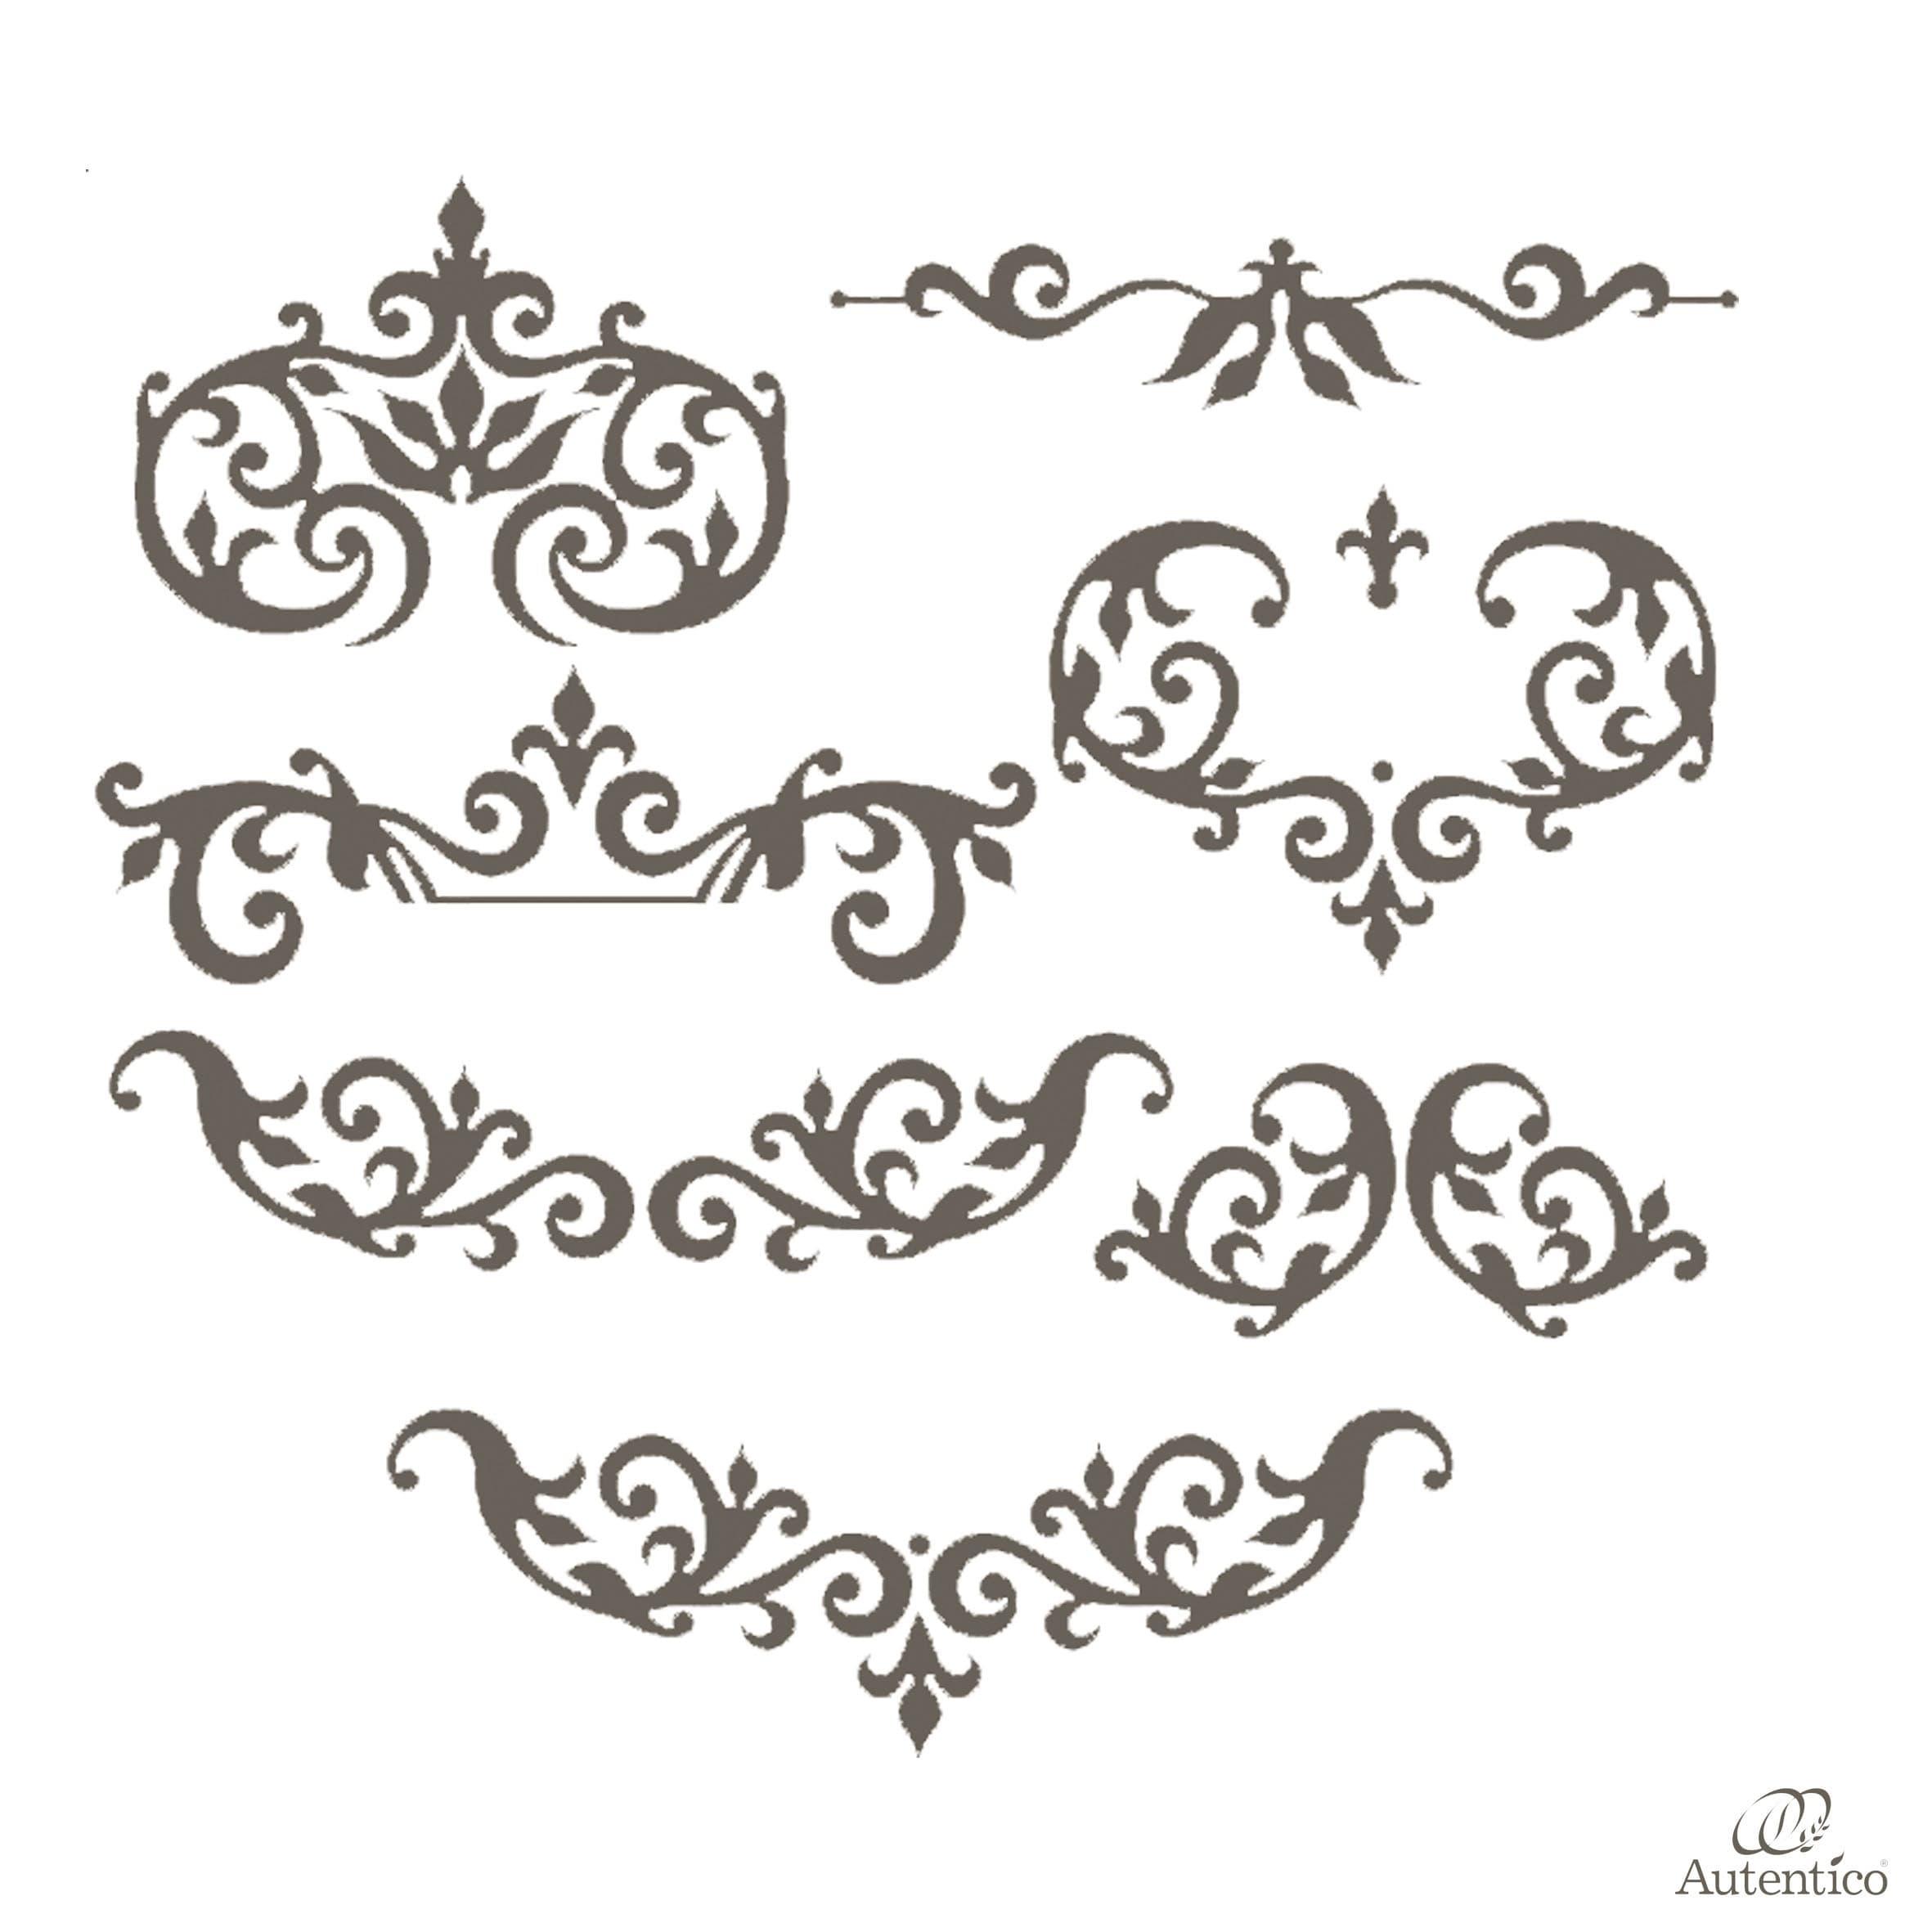 Stencil Shabby Chic Da Stampare.Stencil Riutilizzabile Arabella Autentico Collection Mobili Per